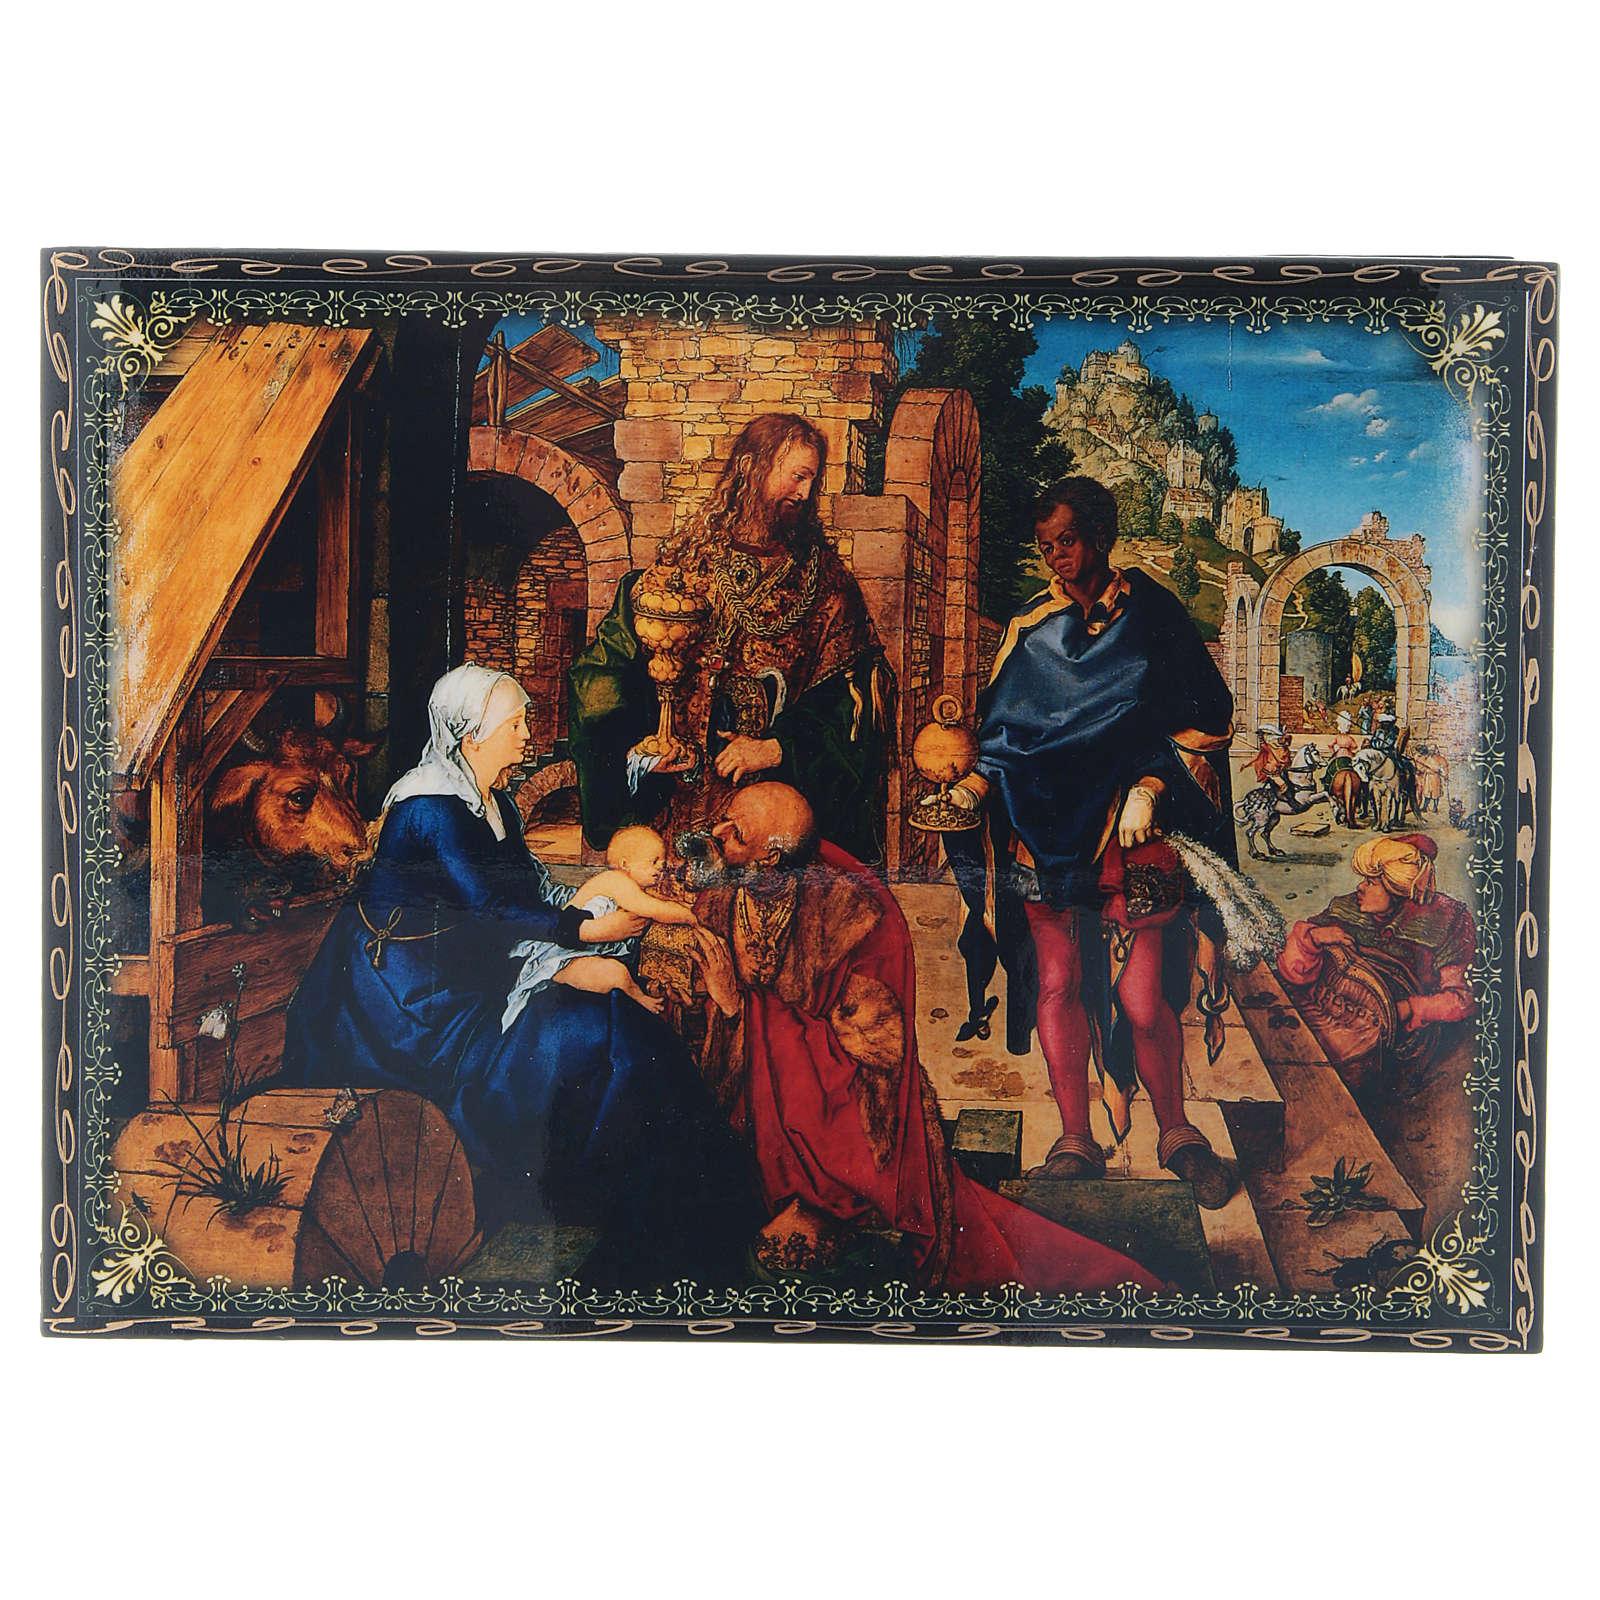 Scatola russa cartapesta decorata La Nascita di Gesù Cristo 22X16 cm 4